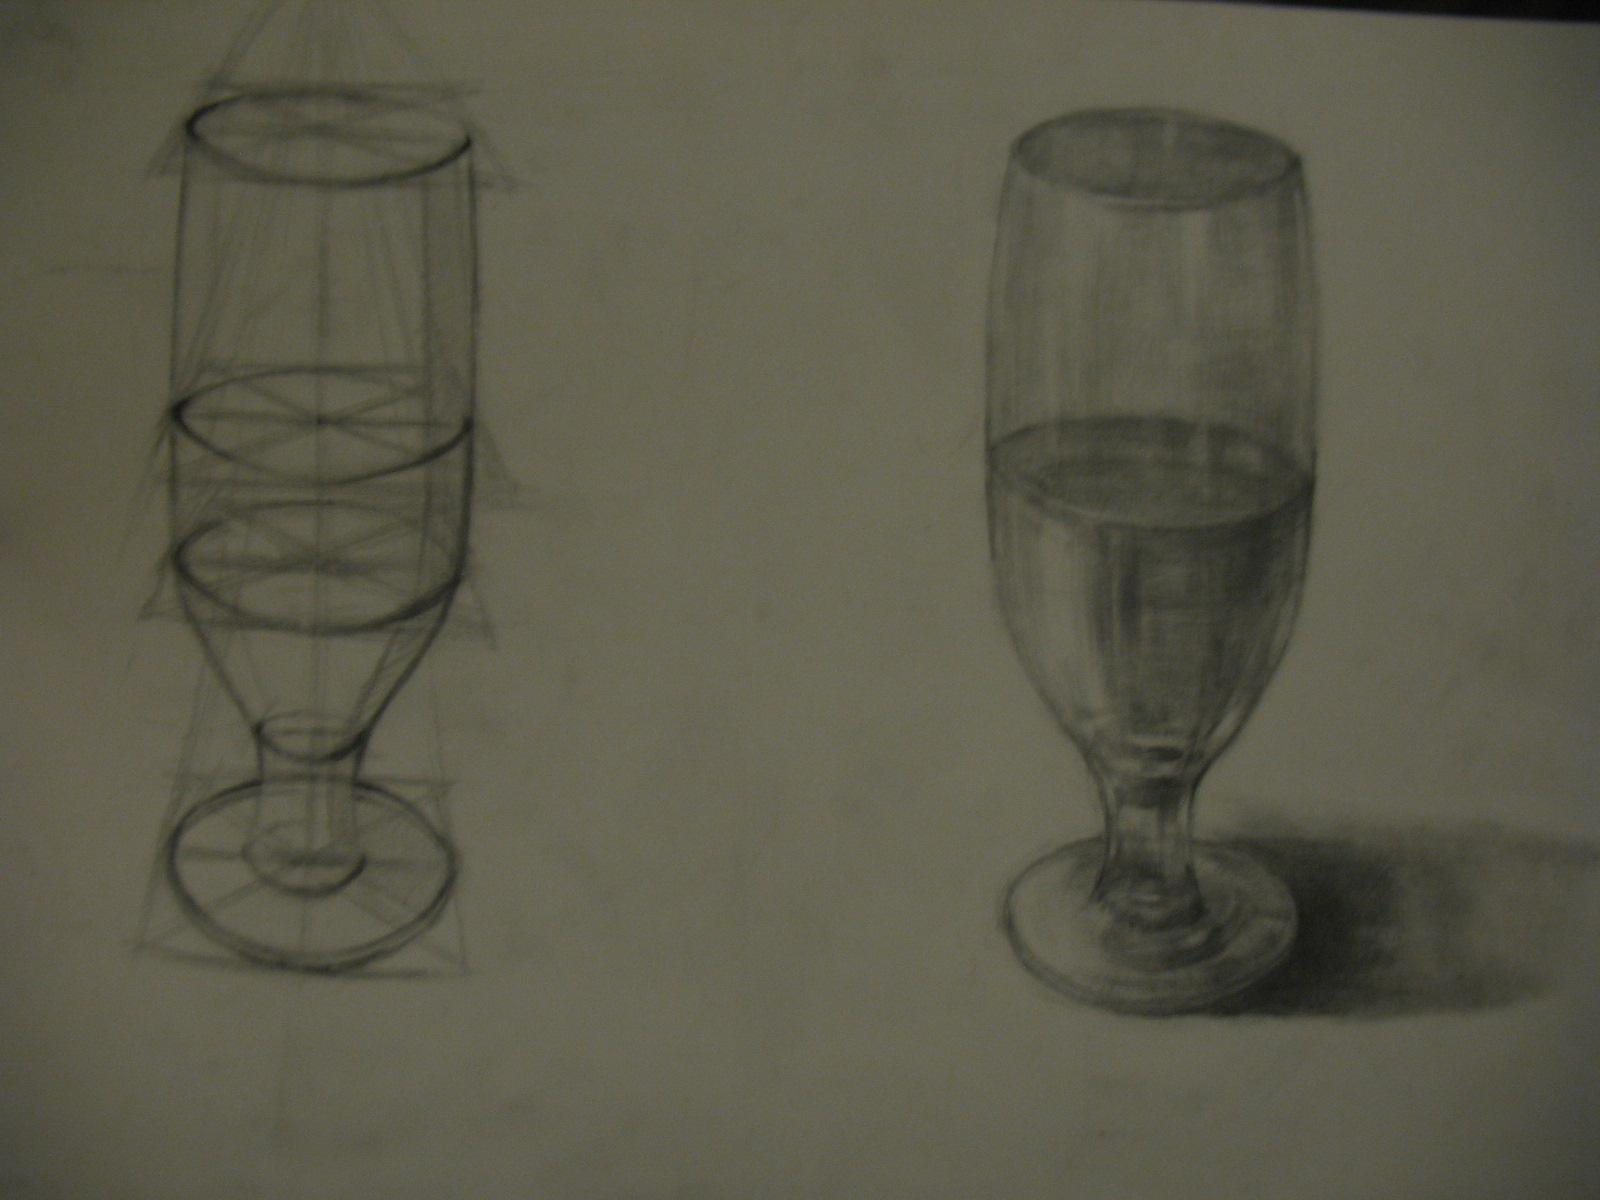 小水滴绘画免费班课程安排(2)附本课题范画